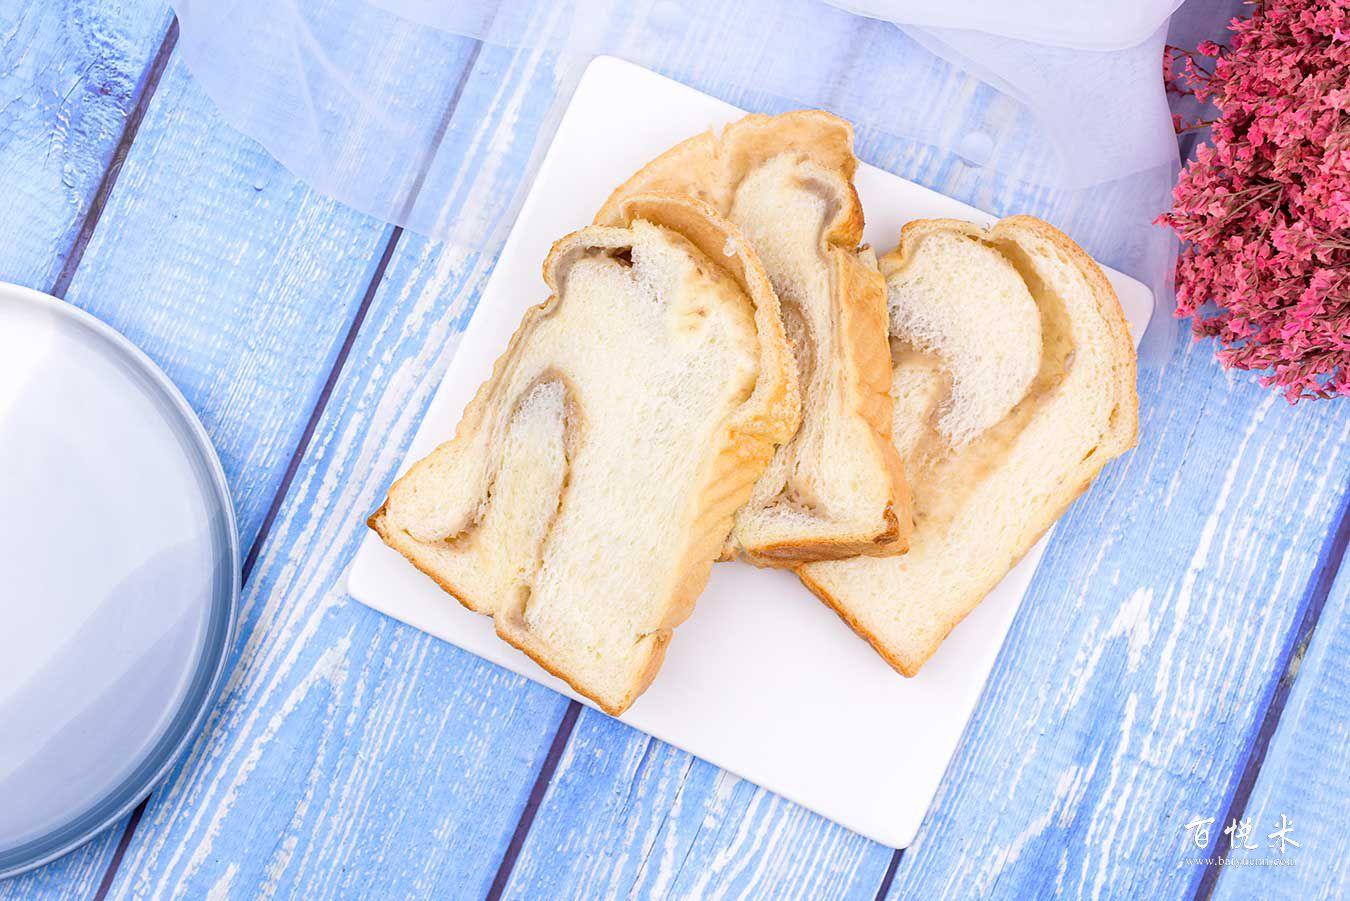 芋泥吐司面包高清图片大全【蛋糕图片】_468